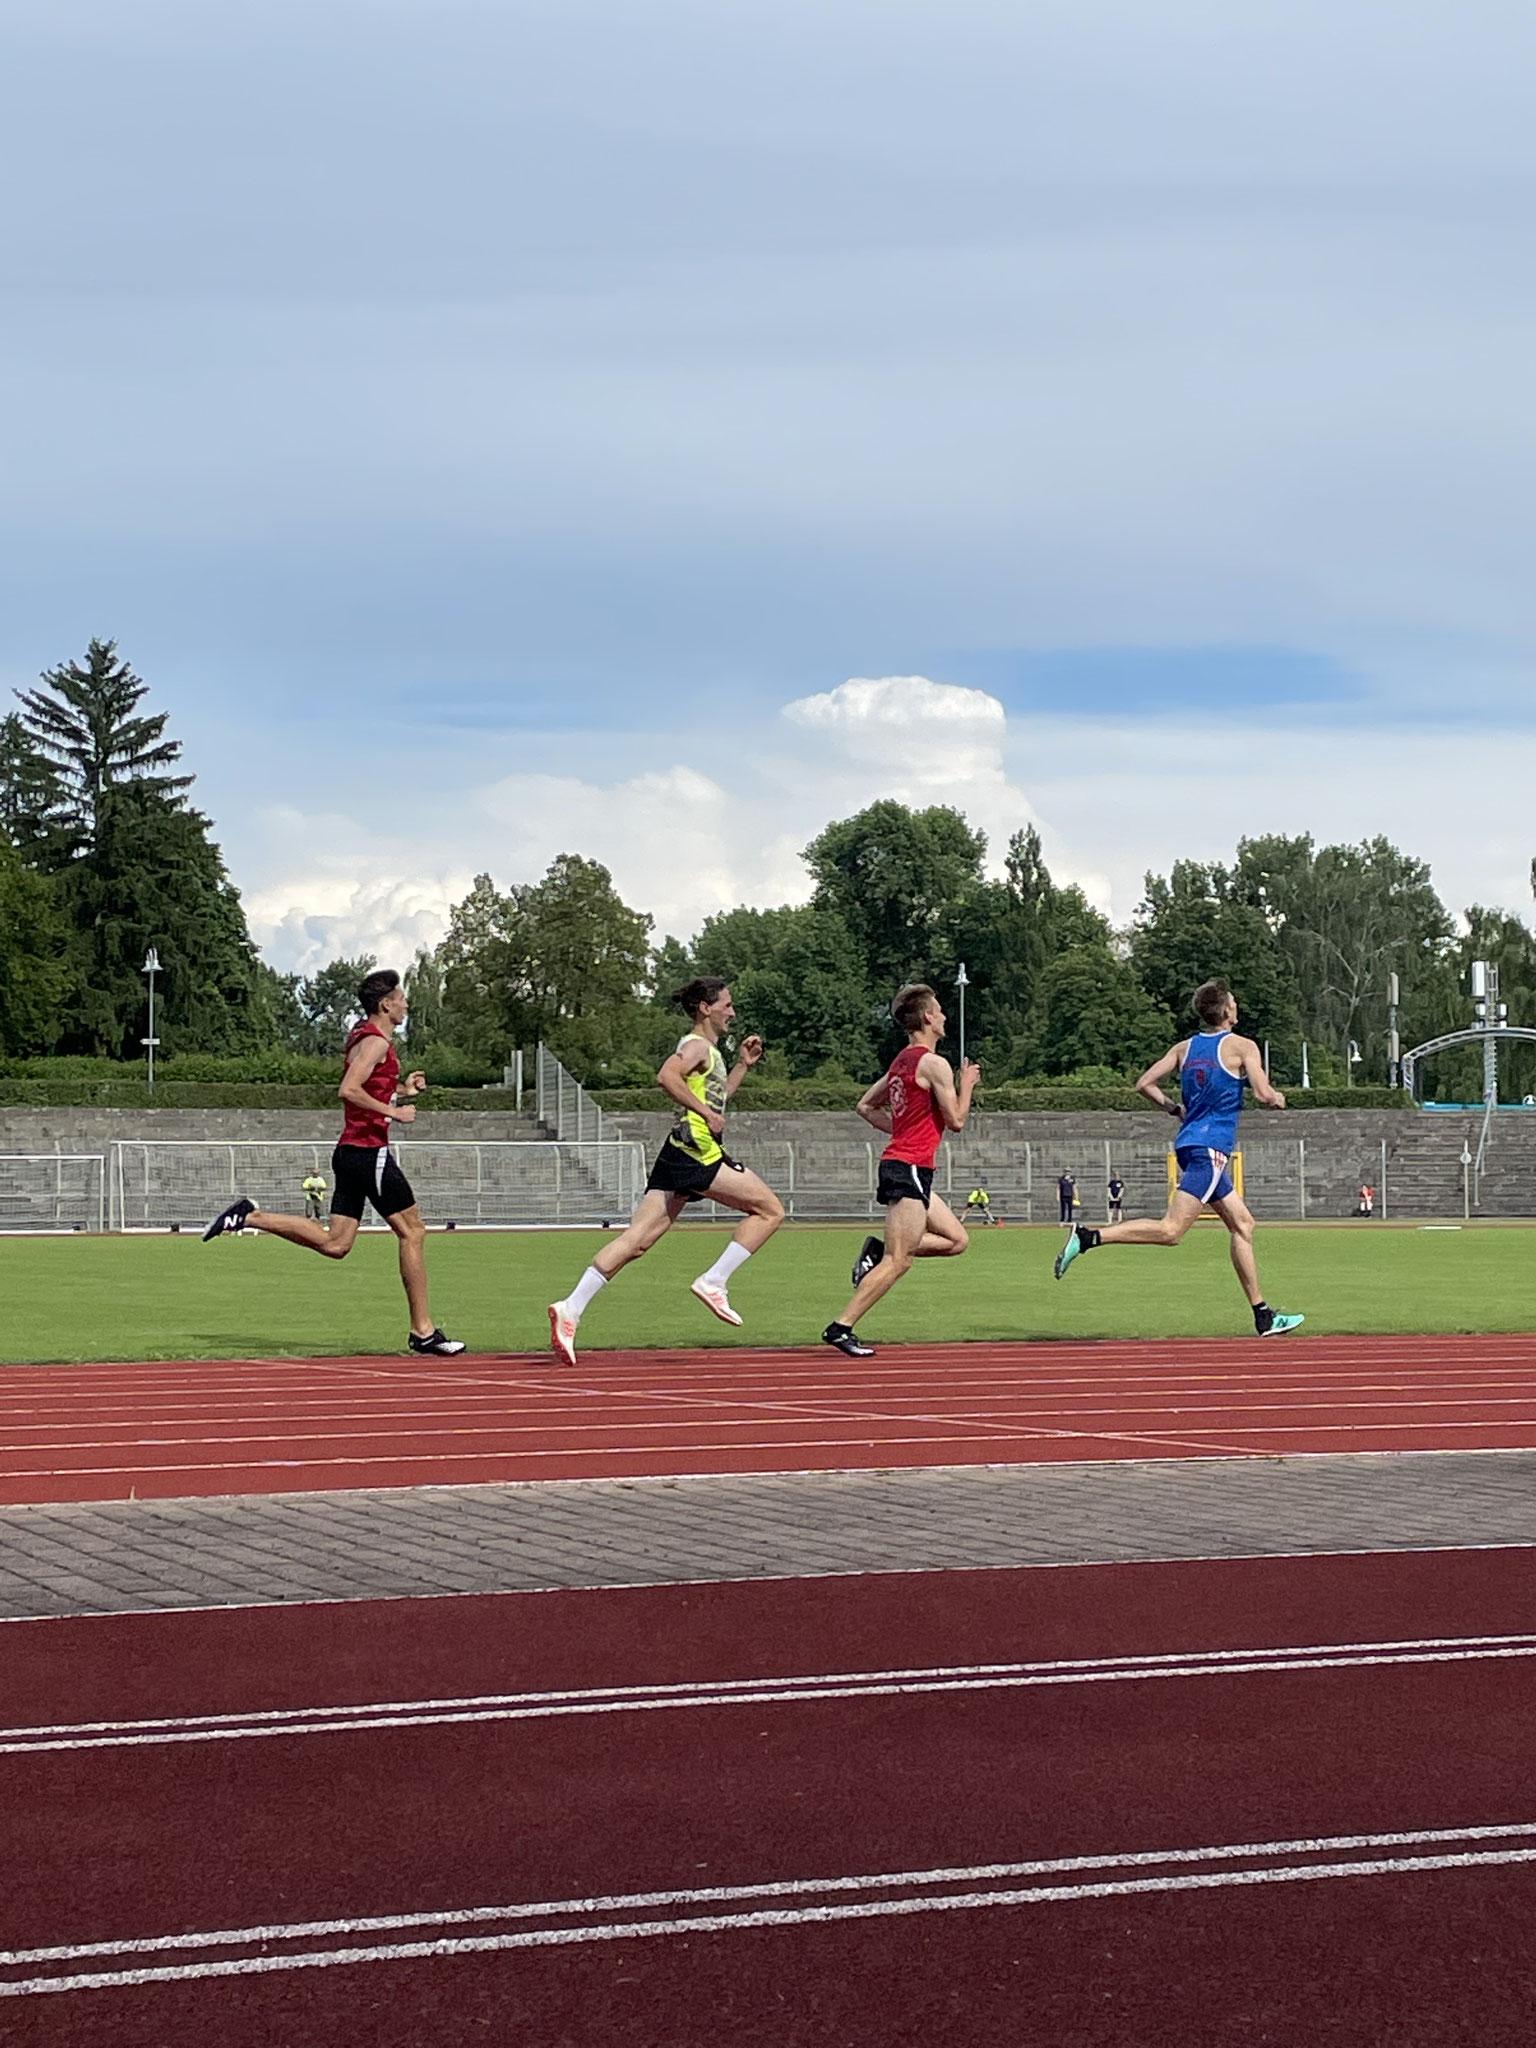 800m - Hannes - Foto: privat